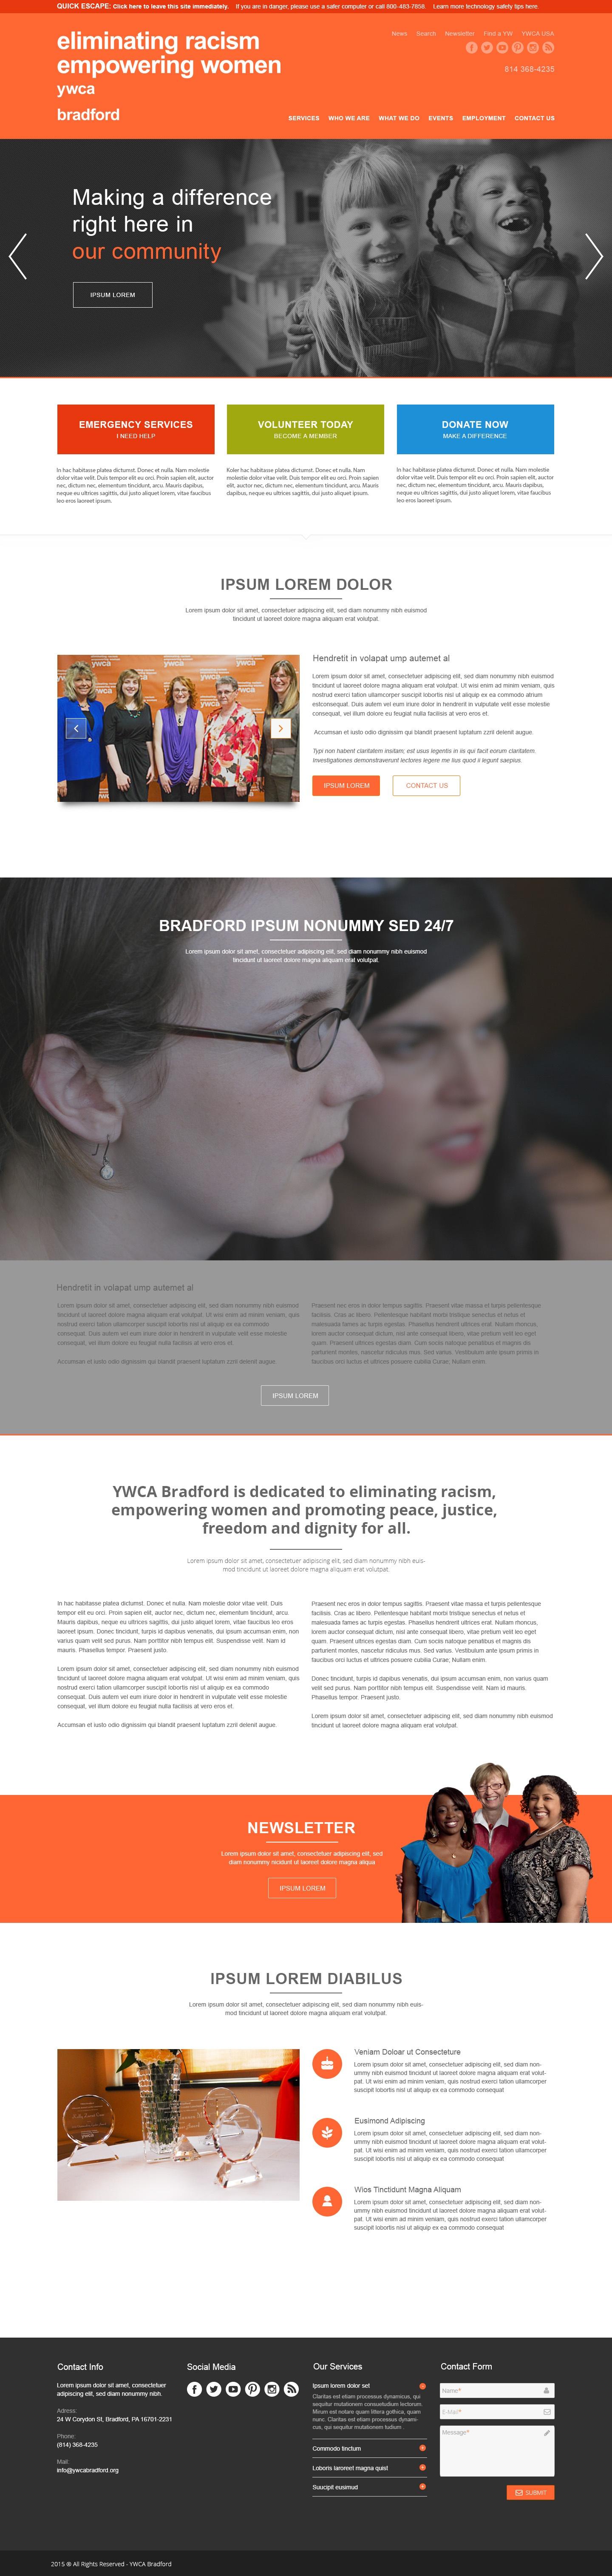 YWCA_Bradford_Website_homepage.jpg